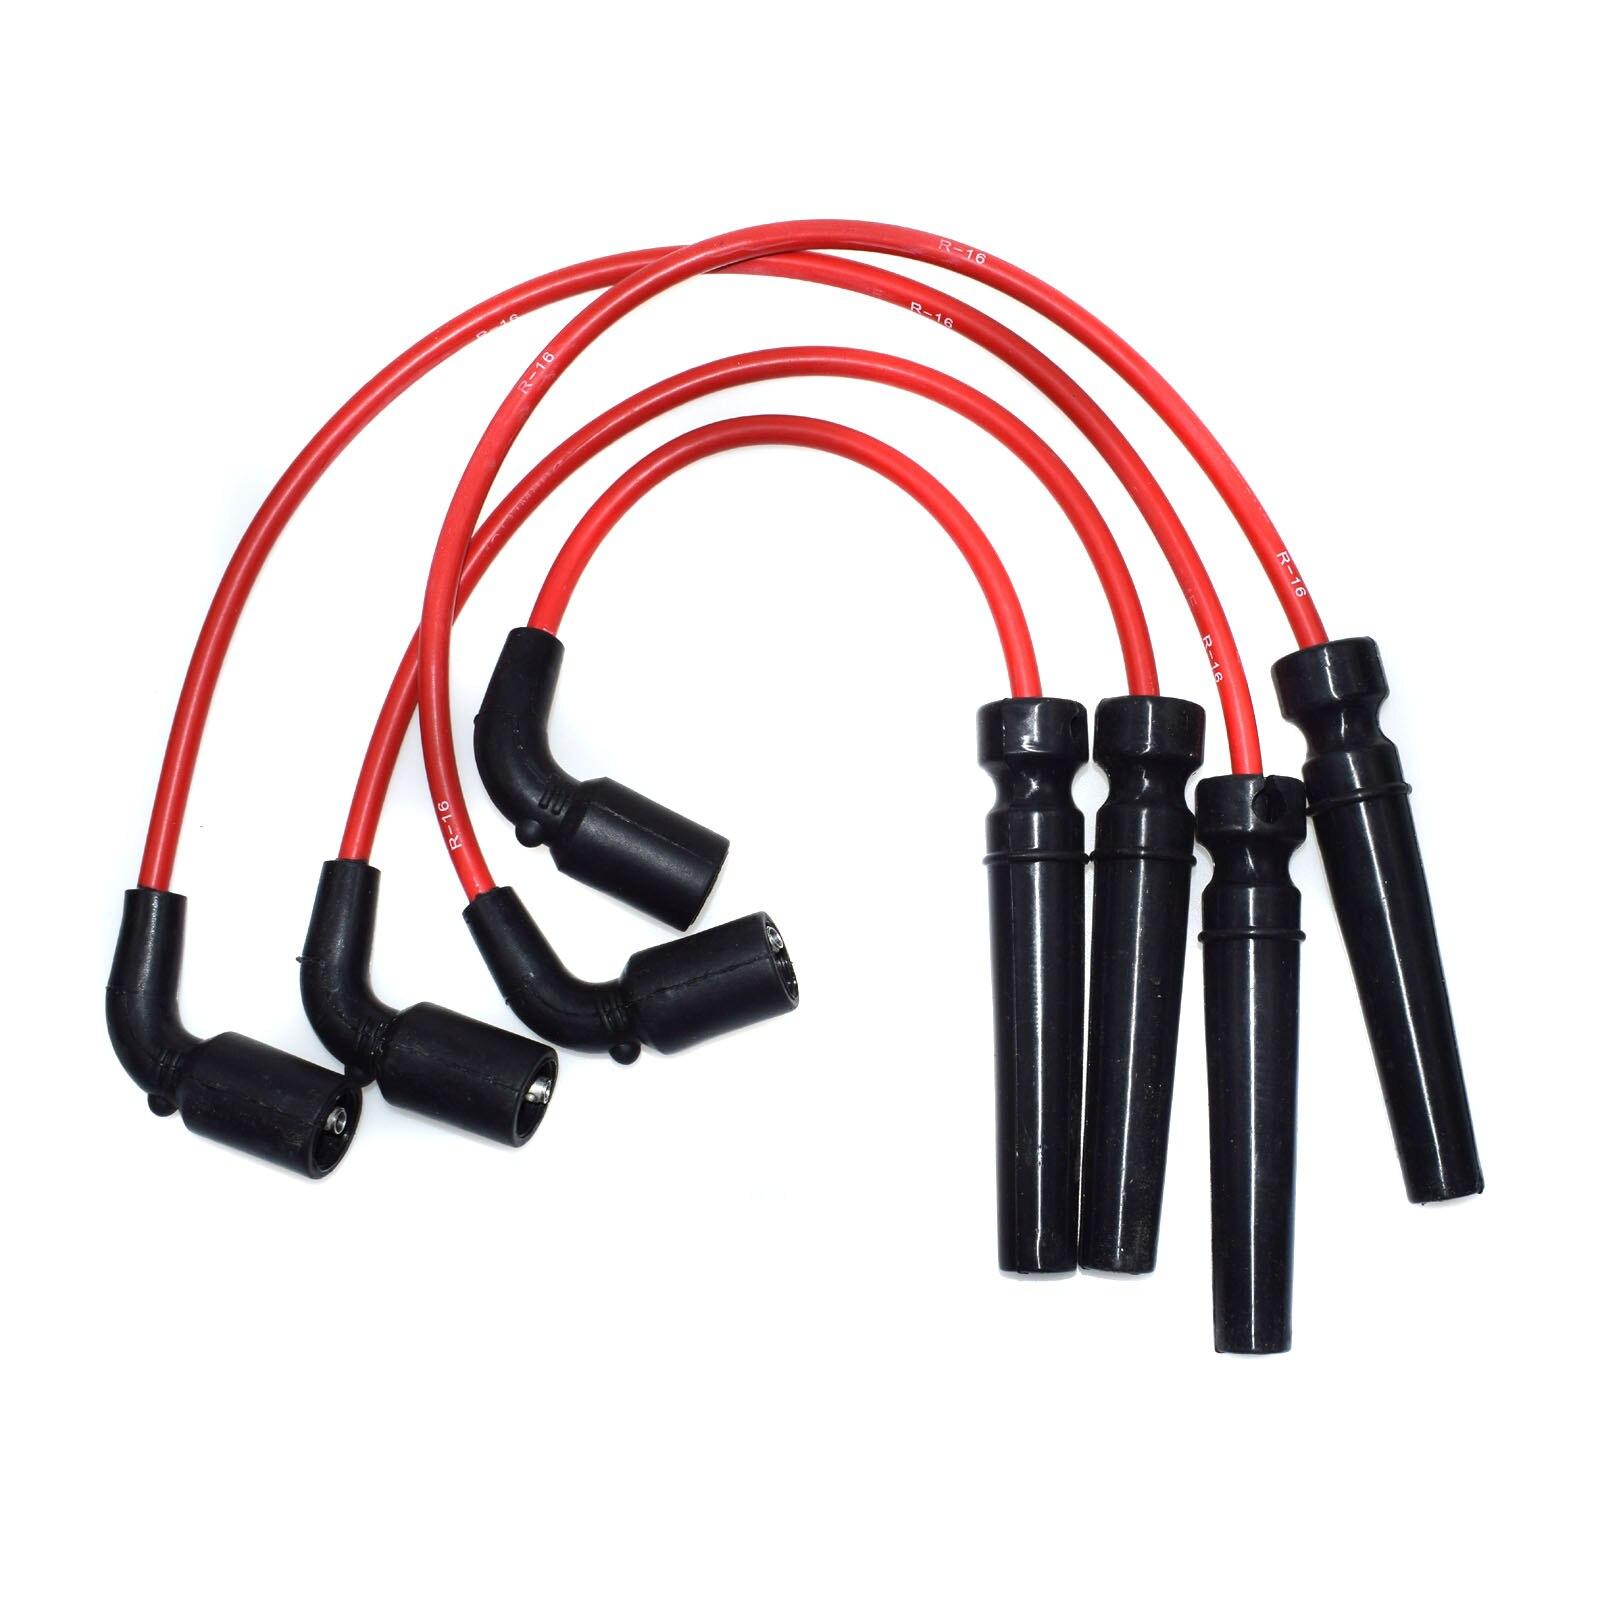 New Spark Plug Ignition Wire Set For Chevrolet Aveo Pontiac Suzuki Swift KRX015